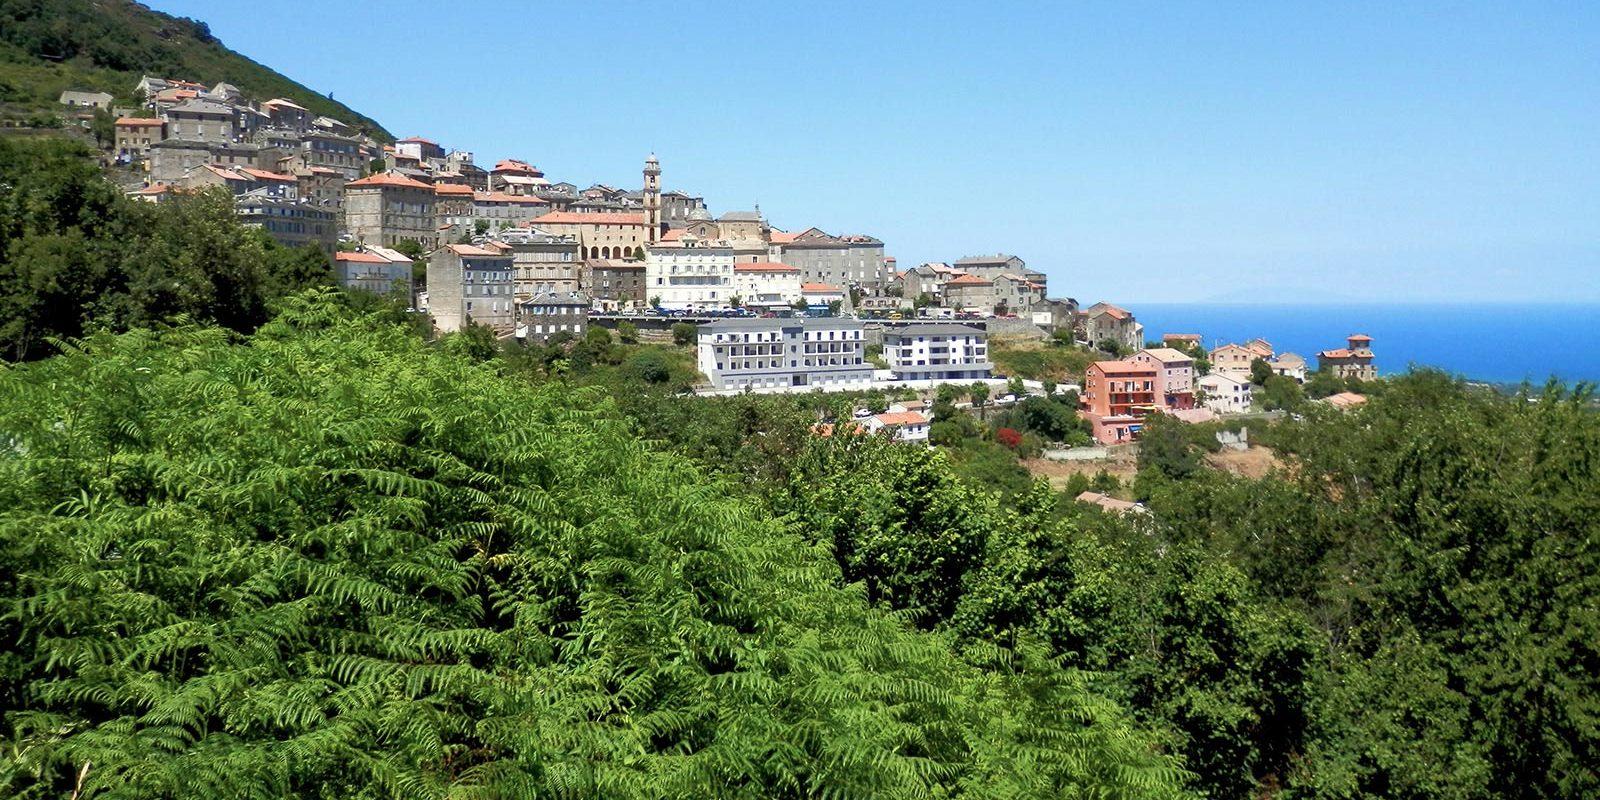 Cervione Corsica Frankrijk heuvel zee varens